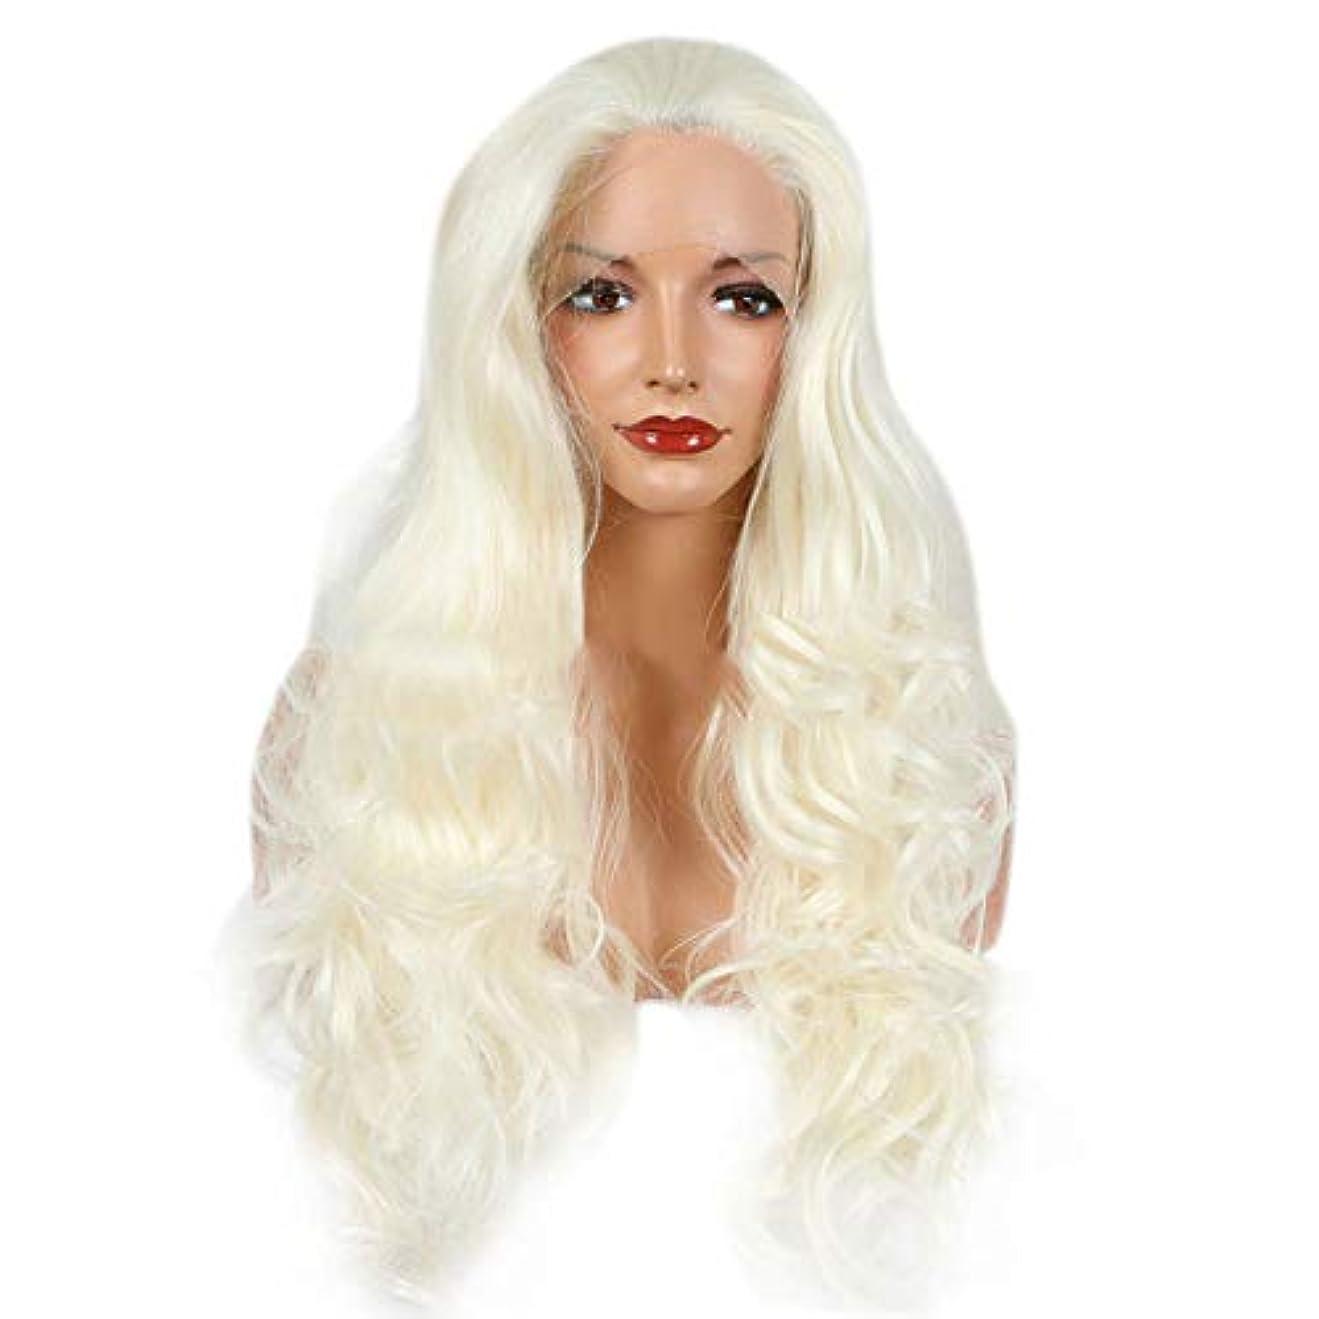 泥だらけ反射国歌YOUQIU 女性ウィッグキャップカーリーヘアウィッグで女子ショートボブスタイル (色 : Cremy-white)